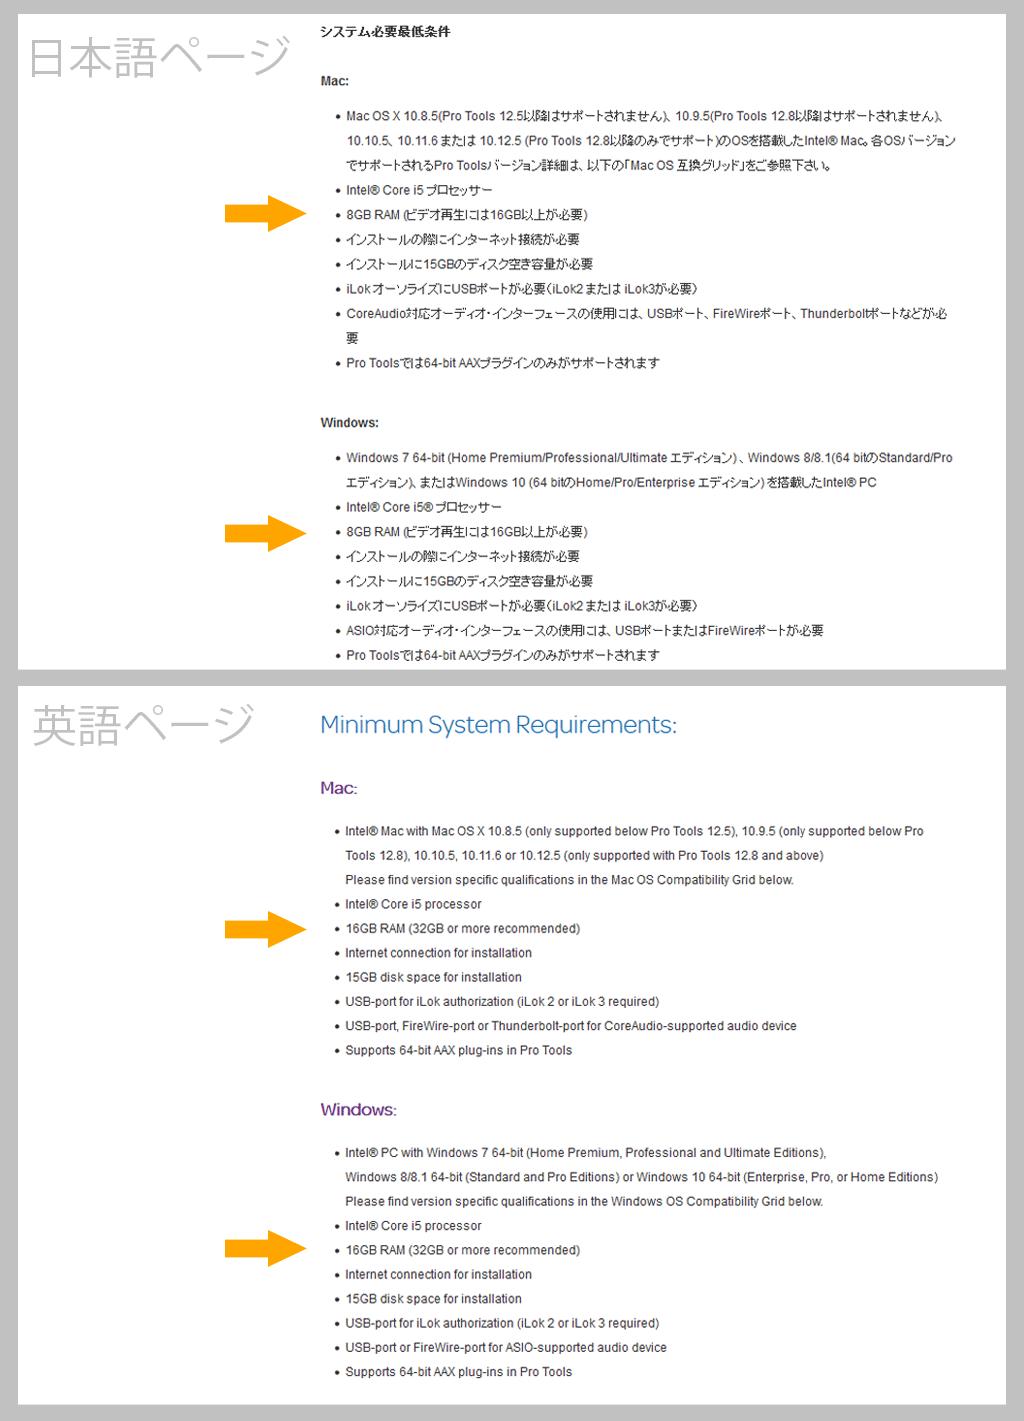 プロツールス「システム要件」の比較スクリーンショット